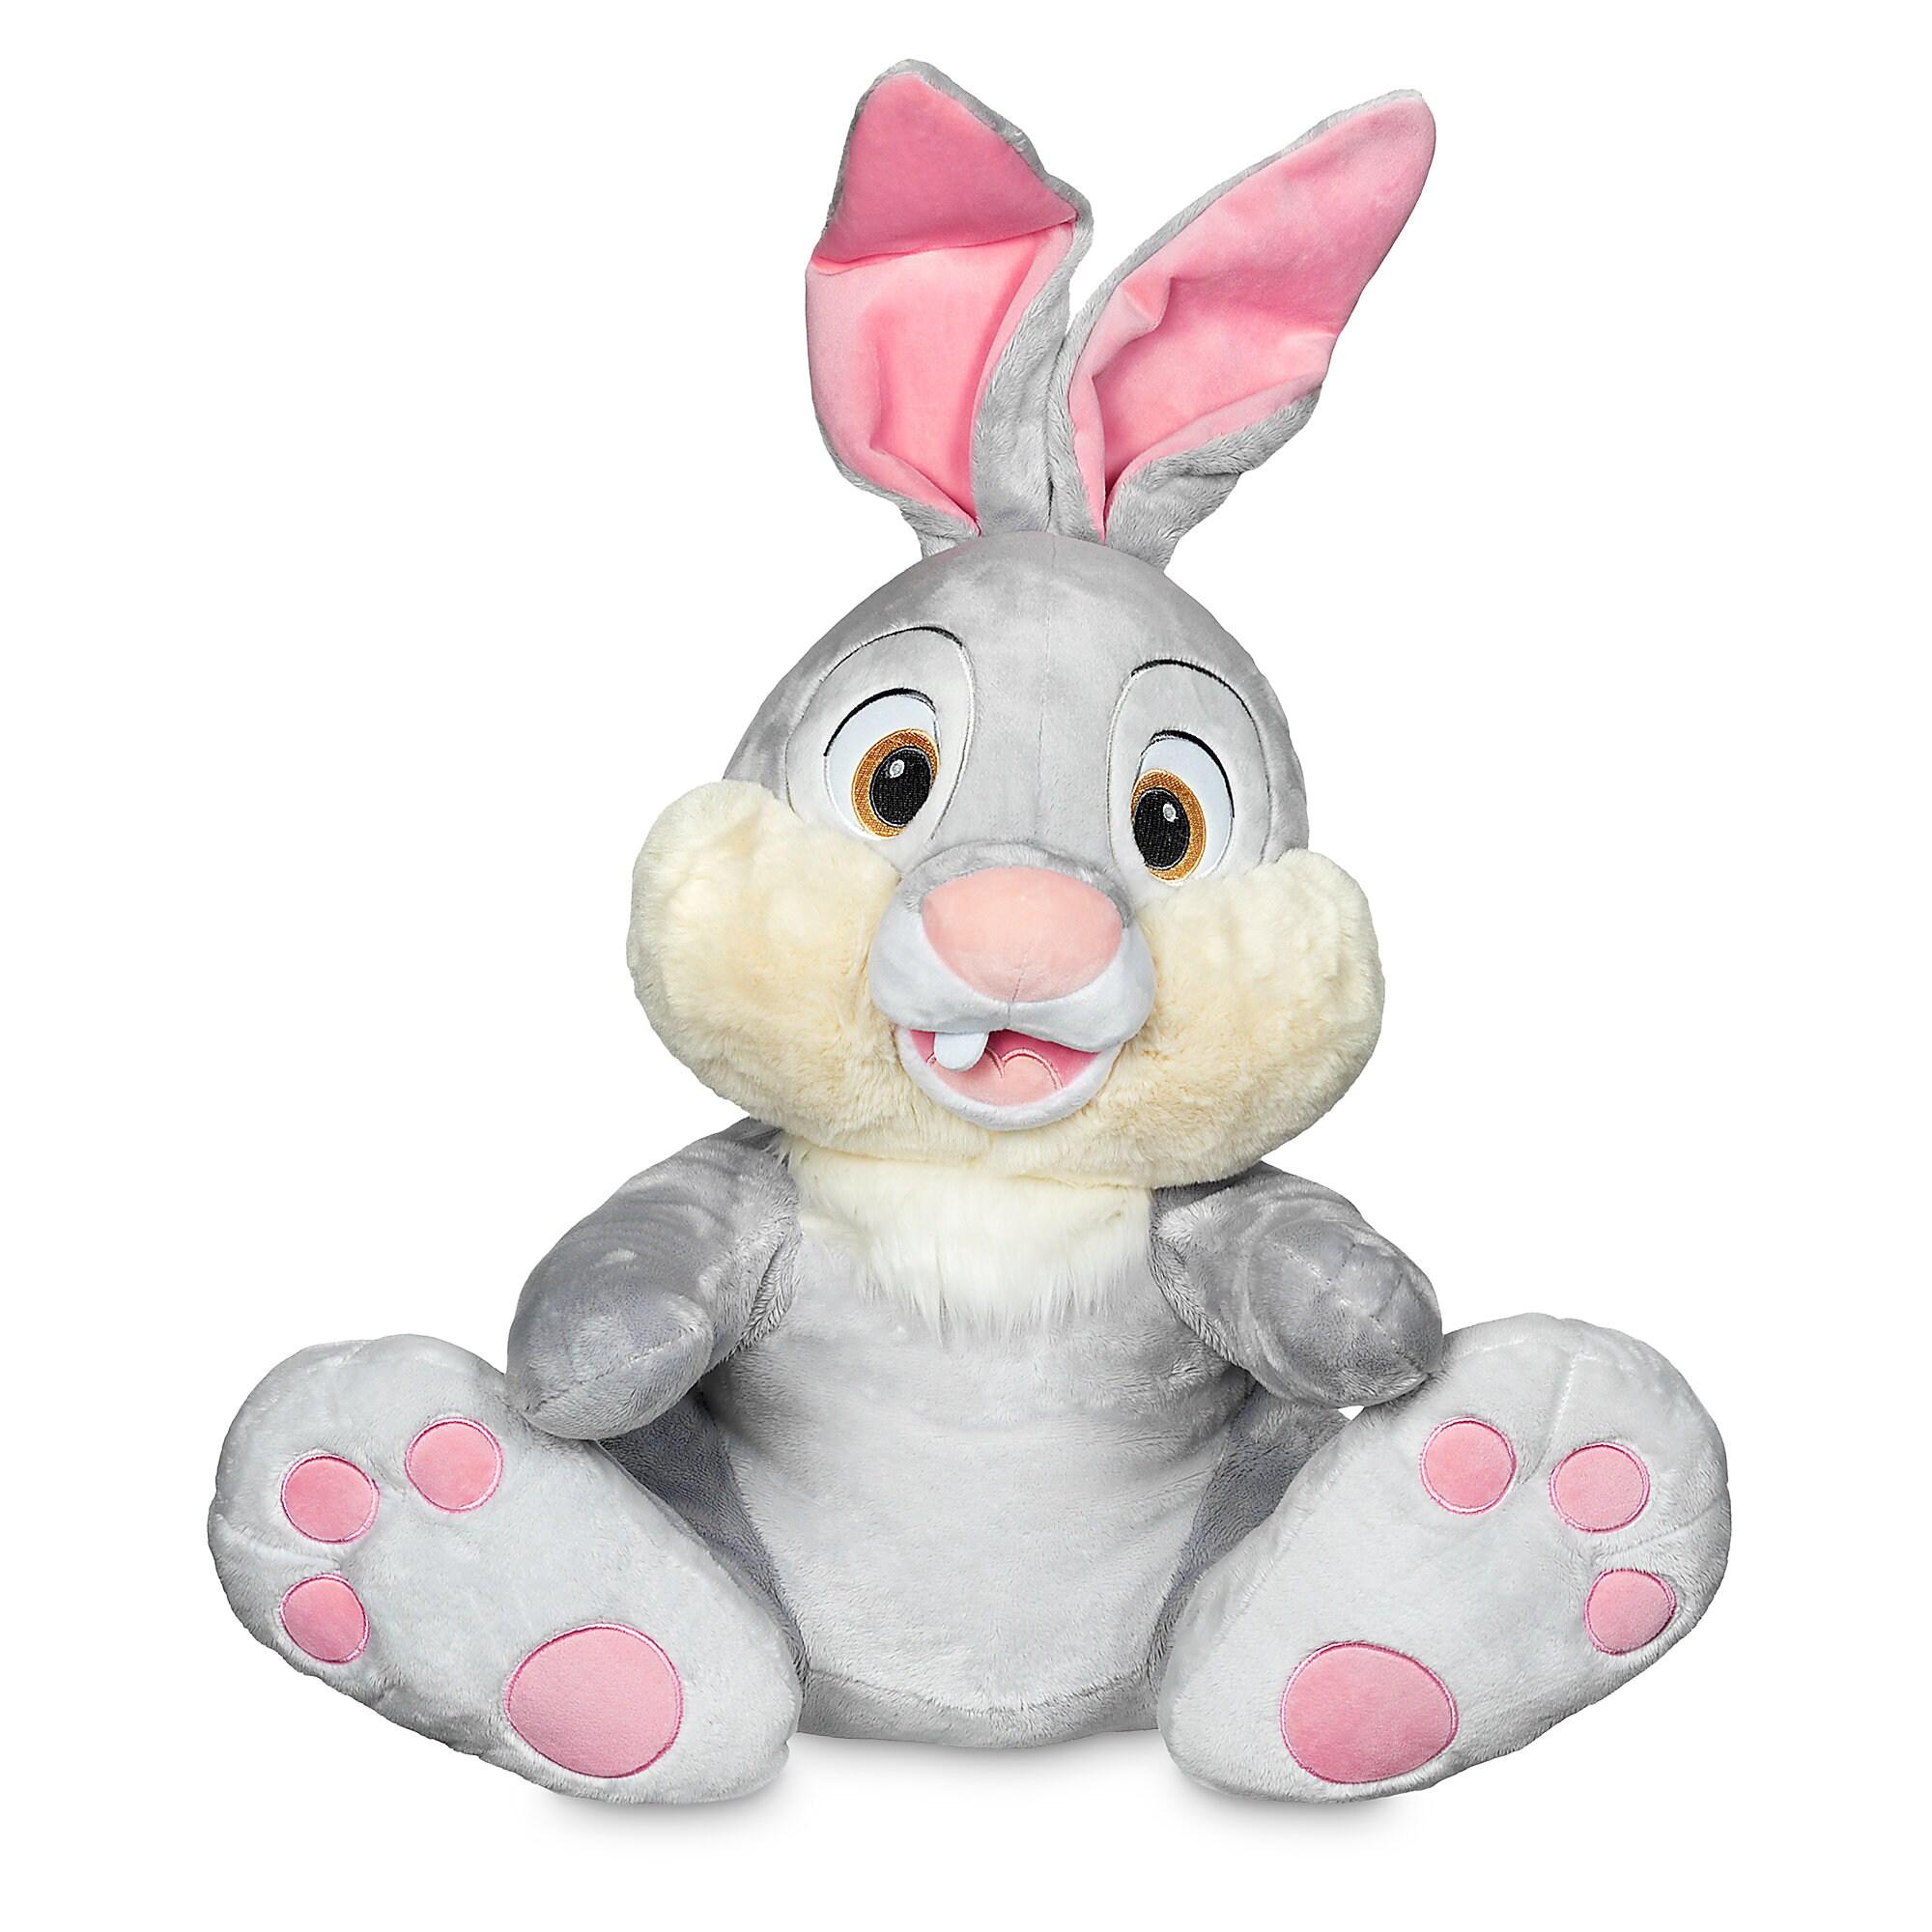 Thumper Plush - Bambi - Large - 18''